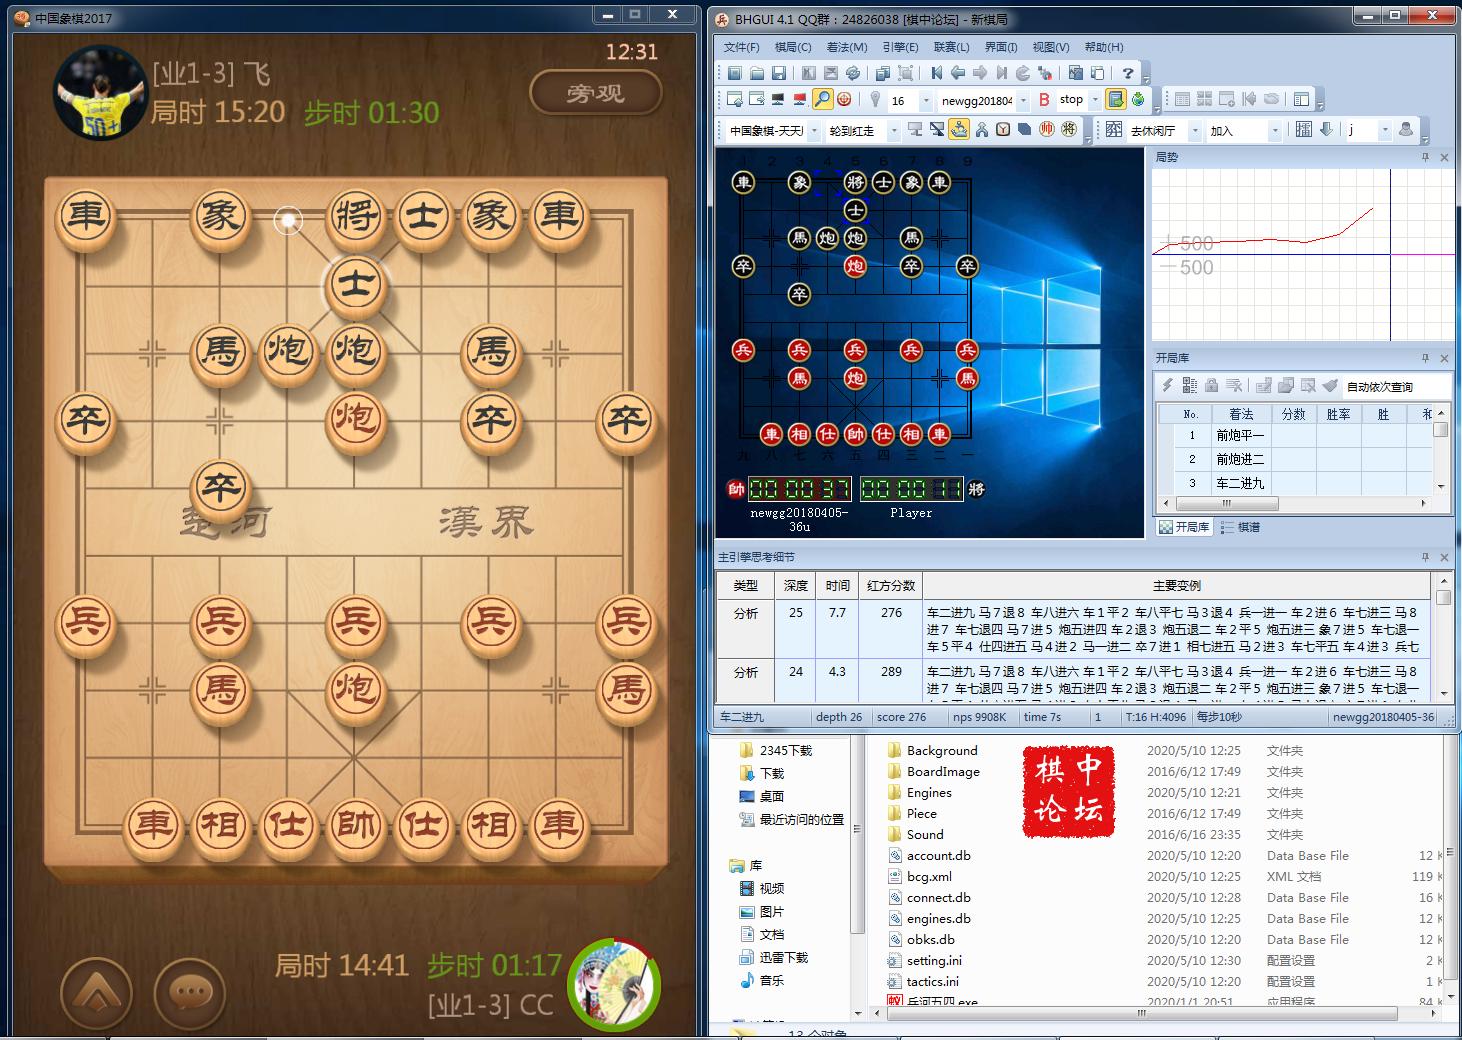 兵河五四4.1无限制64位破解版下载可连线天天象棋